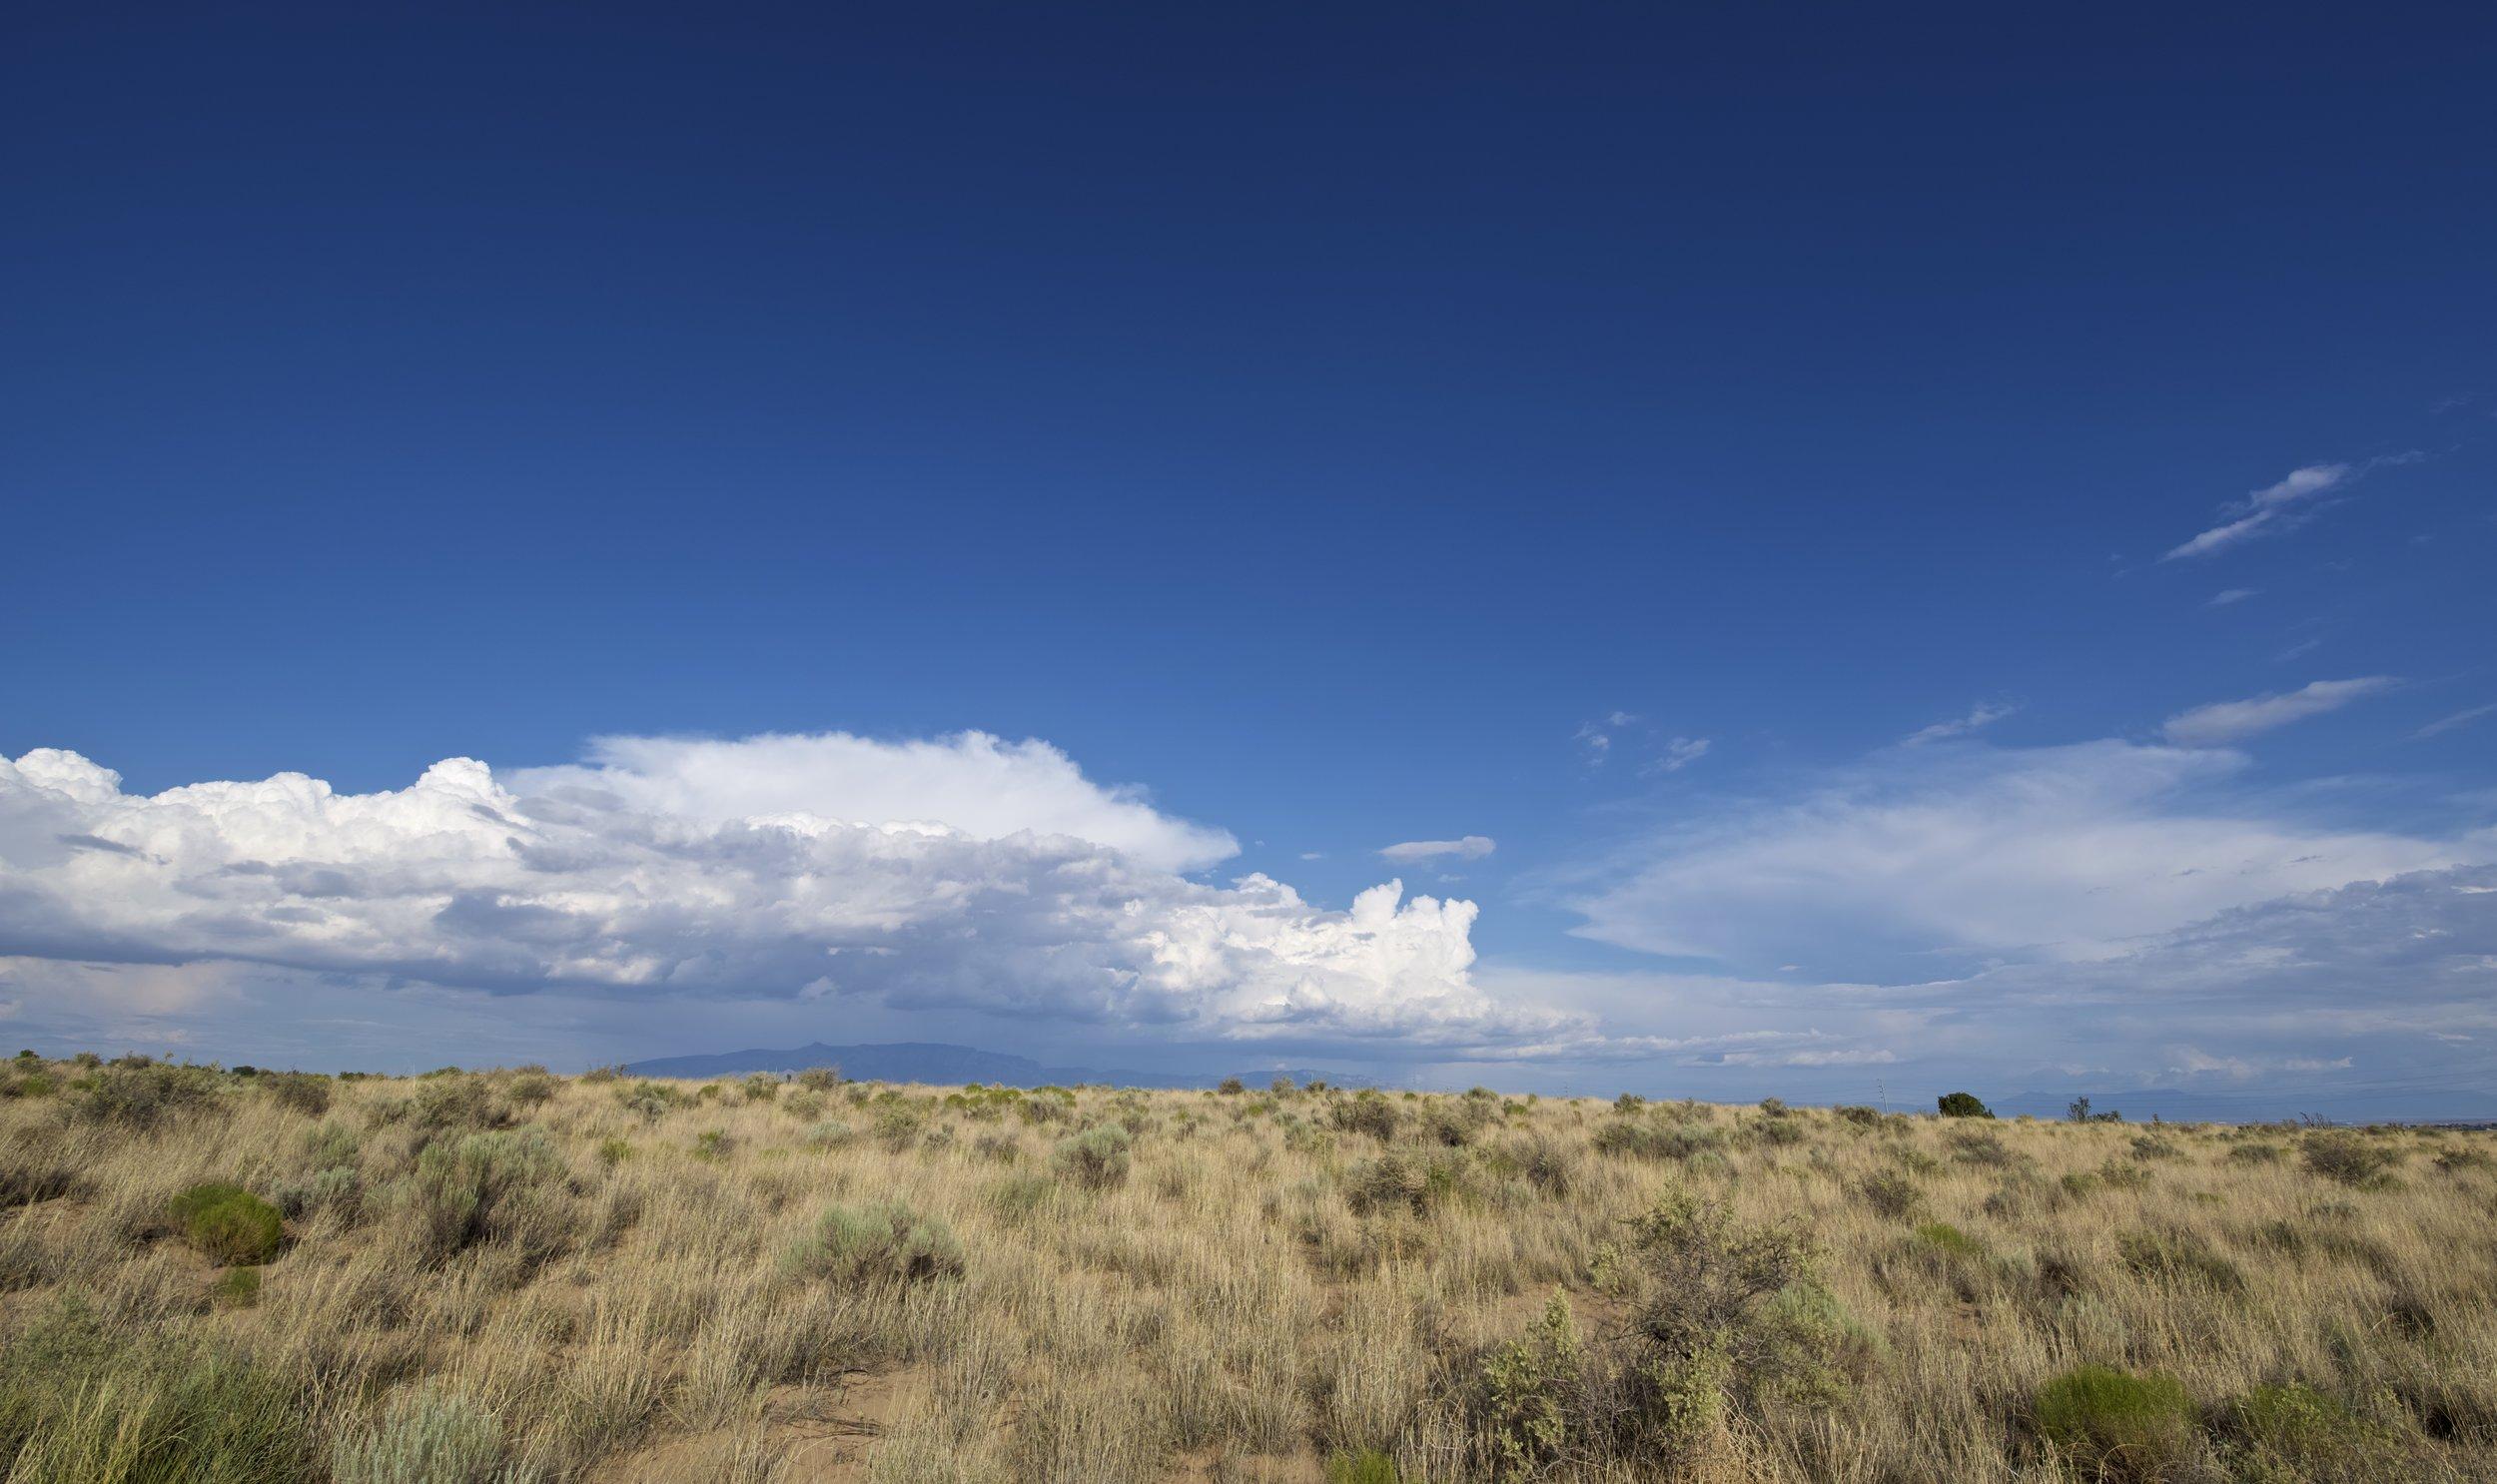 SNNM-BFG-rio-rancho-132724.jpg